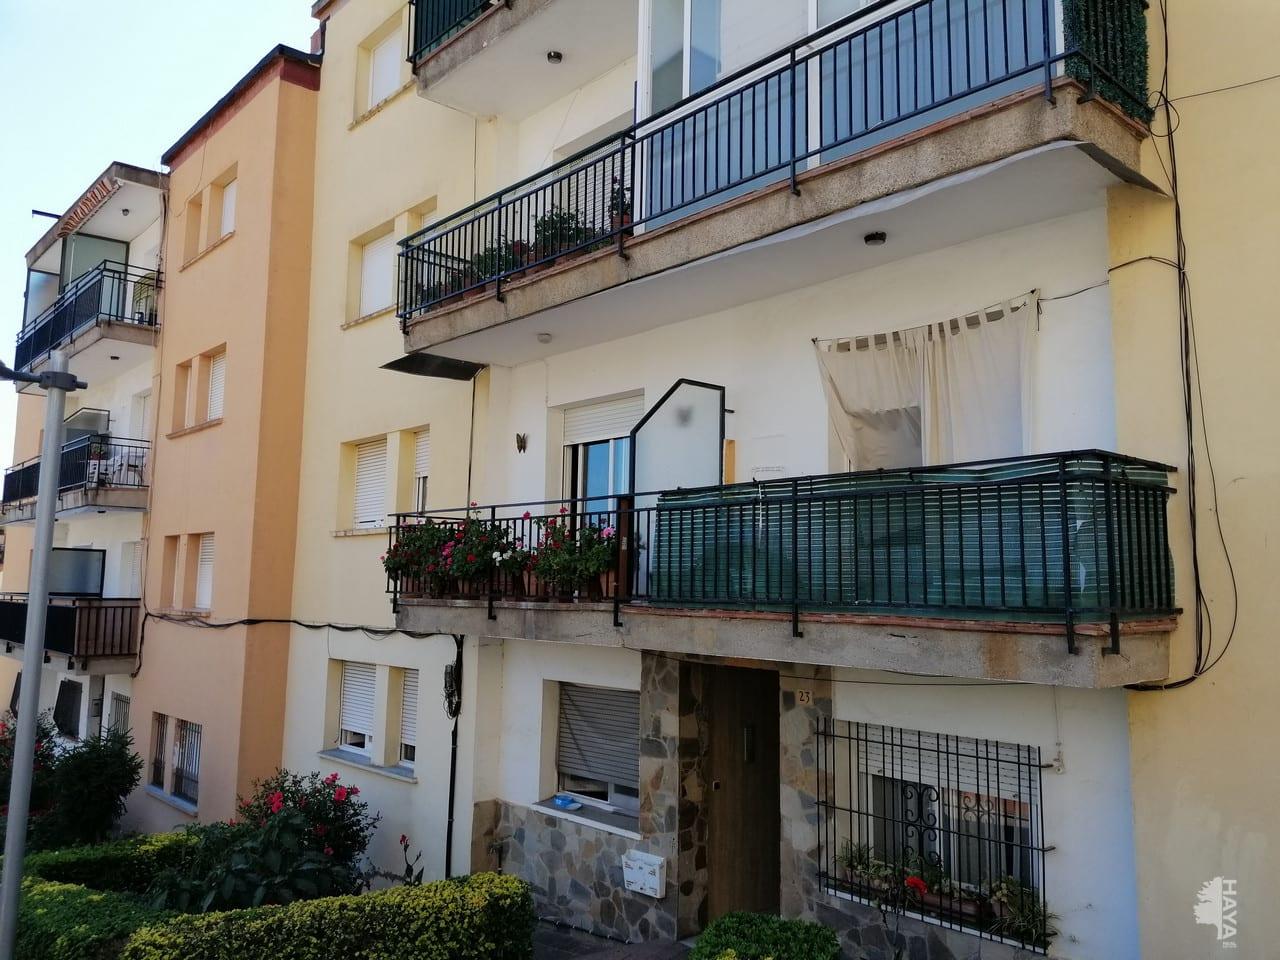 Piso en venta en Ca la Margarida, Palamós, Girona, Calle Pompeu I Fabra, 90.615 €, 3 habitaciones, 1 baño, 74 m2